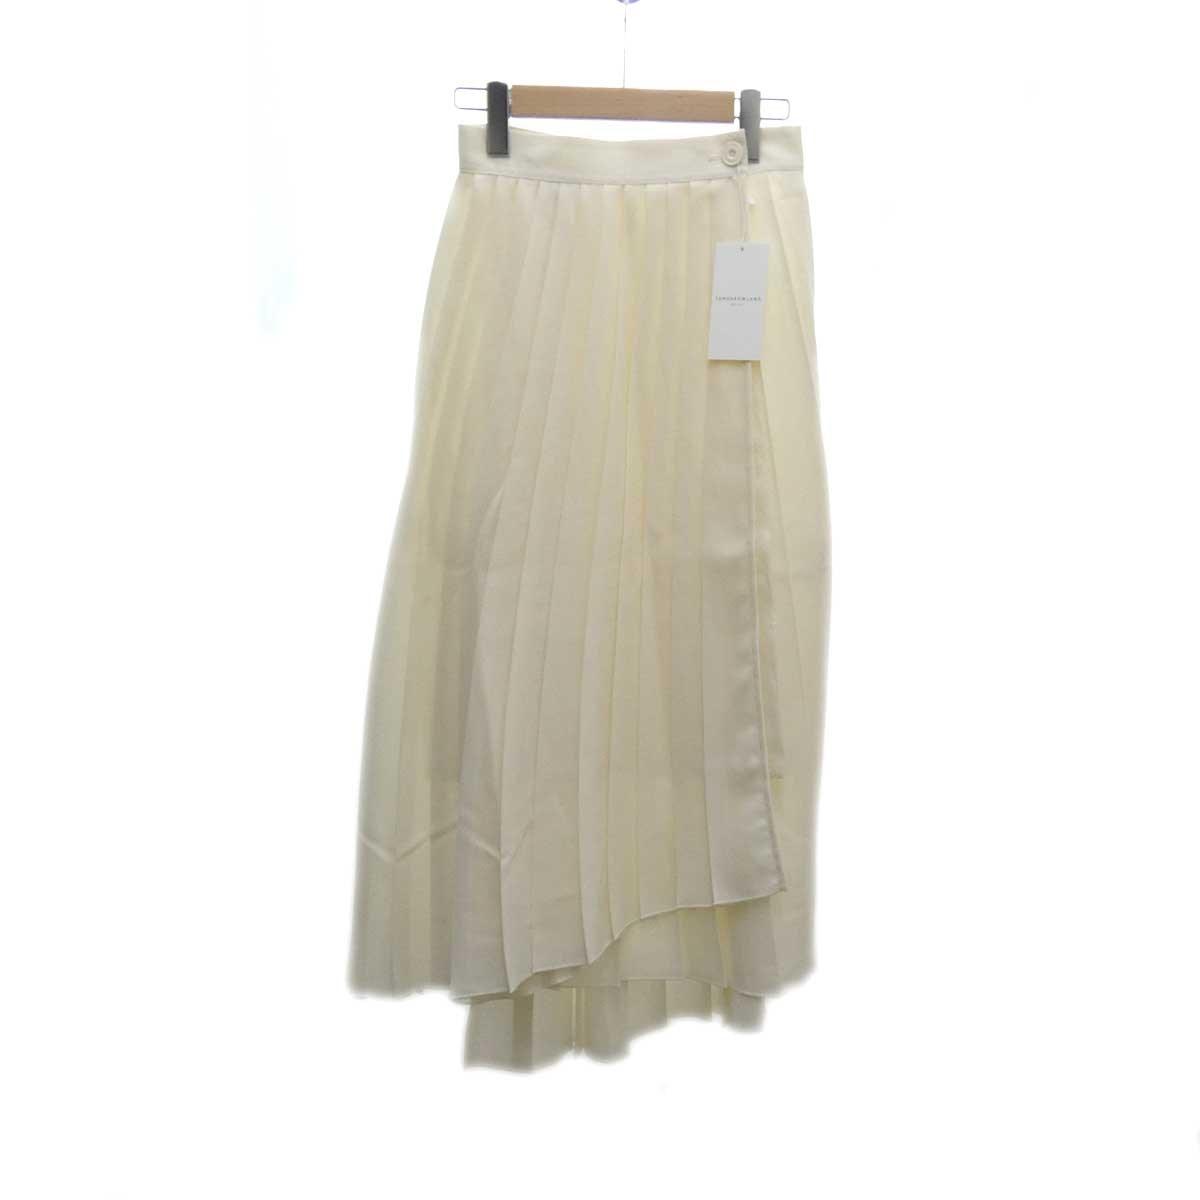 【中古】TOMORROW LAND プリーツスカート 19AW オフホワイト サイズ:32 【290420】(トゥモローランド)